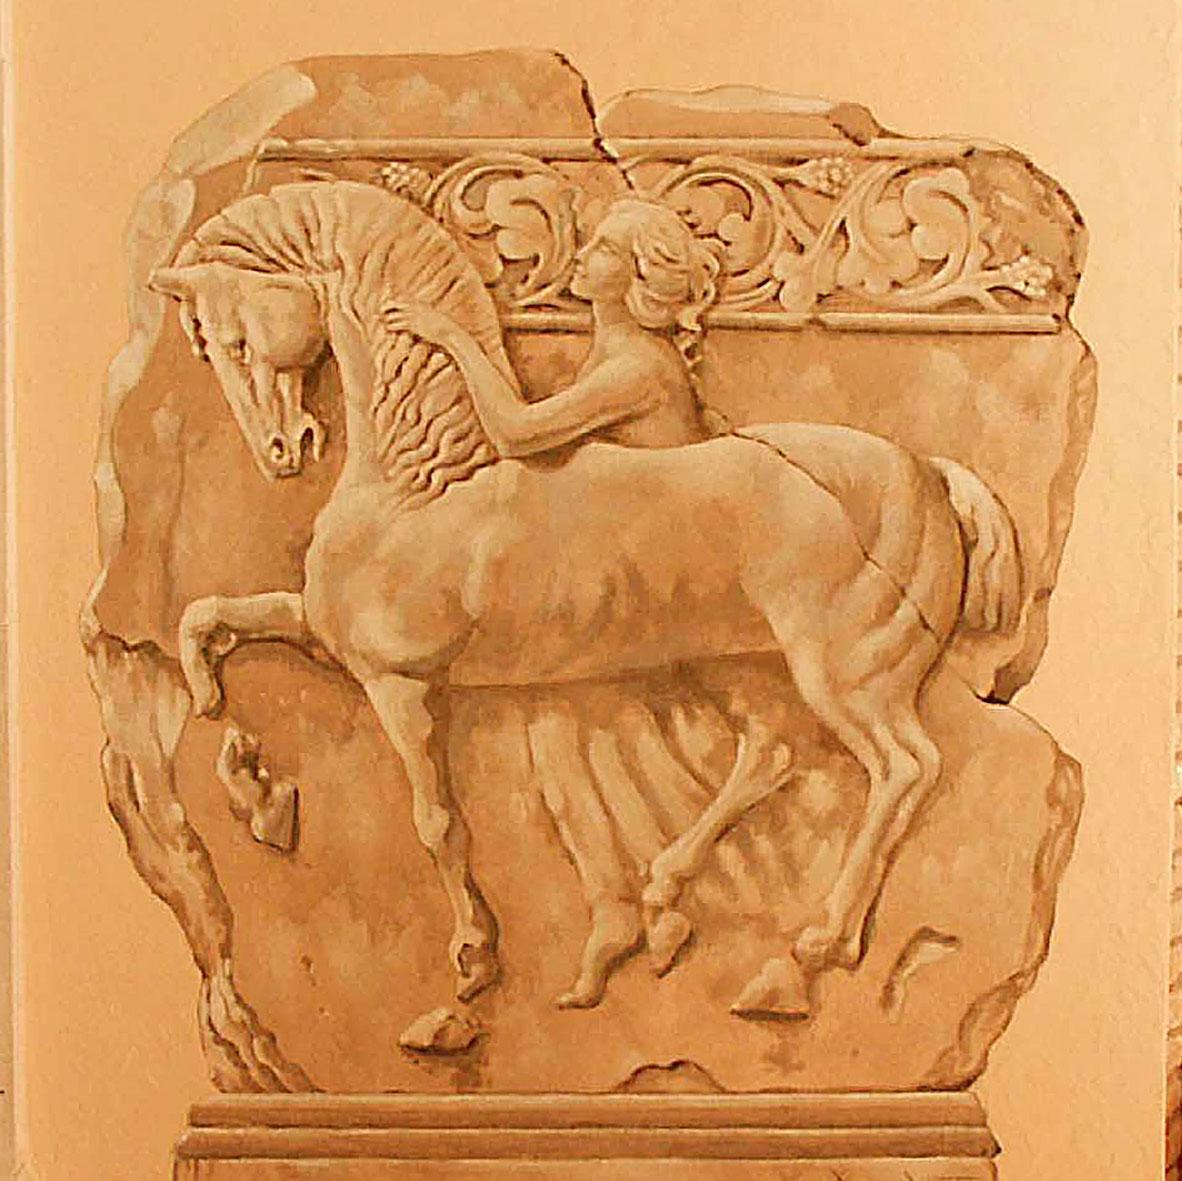 Décor en trompe-l'œil de style grec pour une piscine privée à Brumath. Fresques de Roland Perret illusions-murales.com